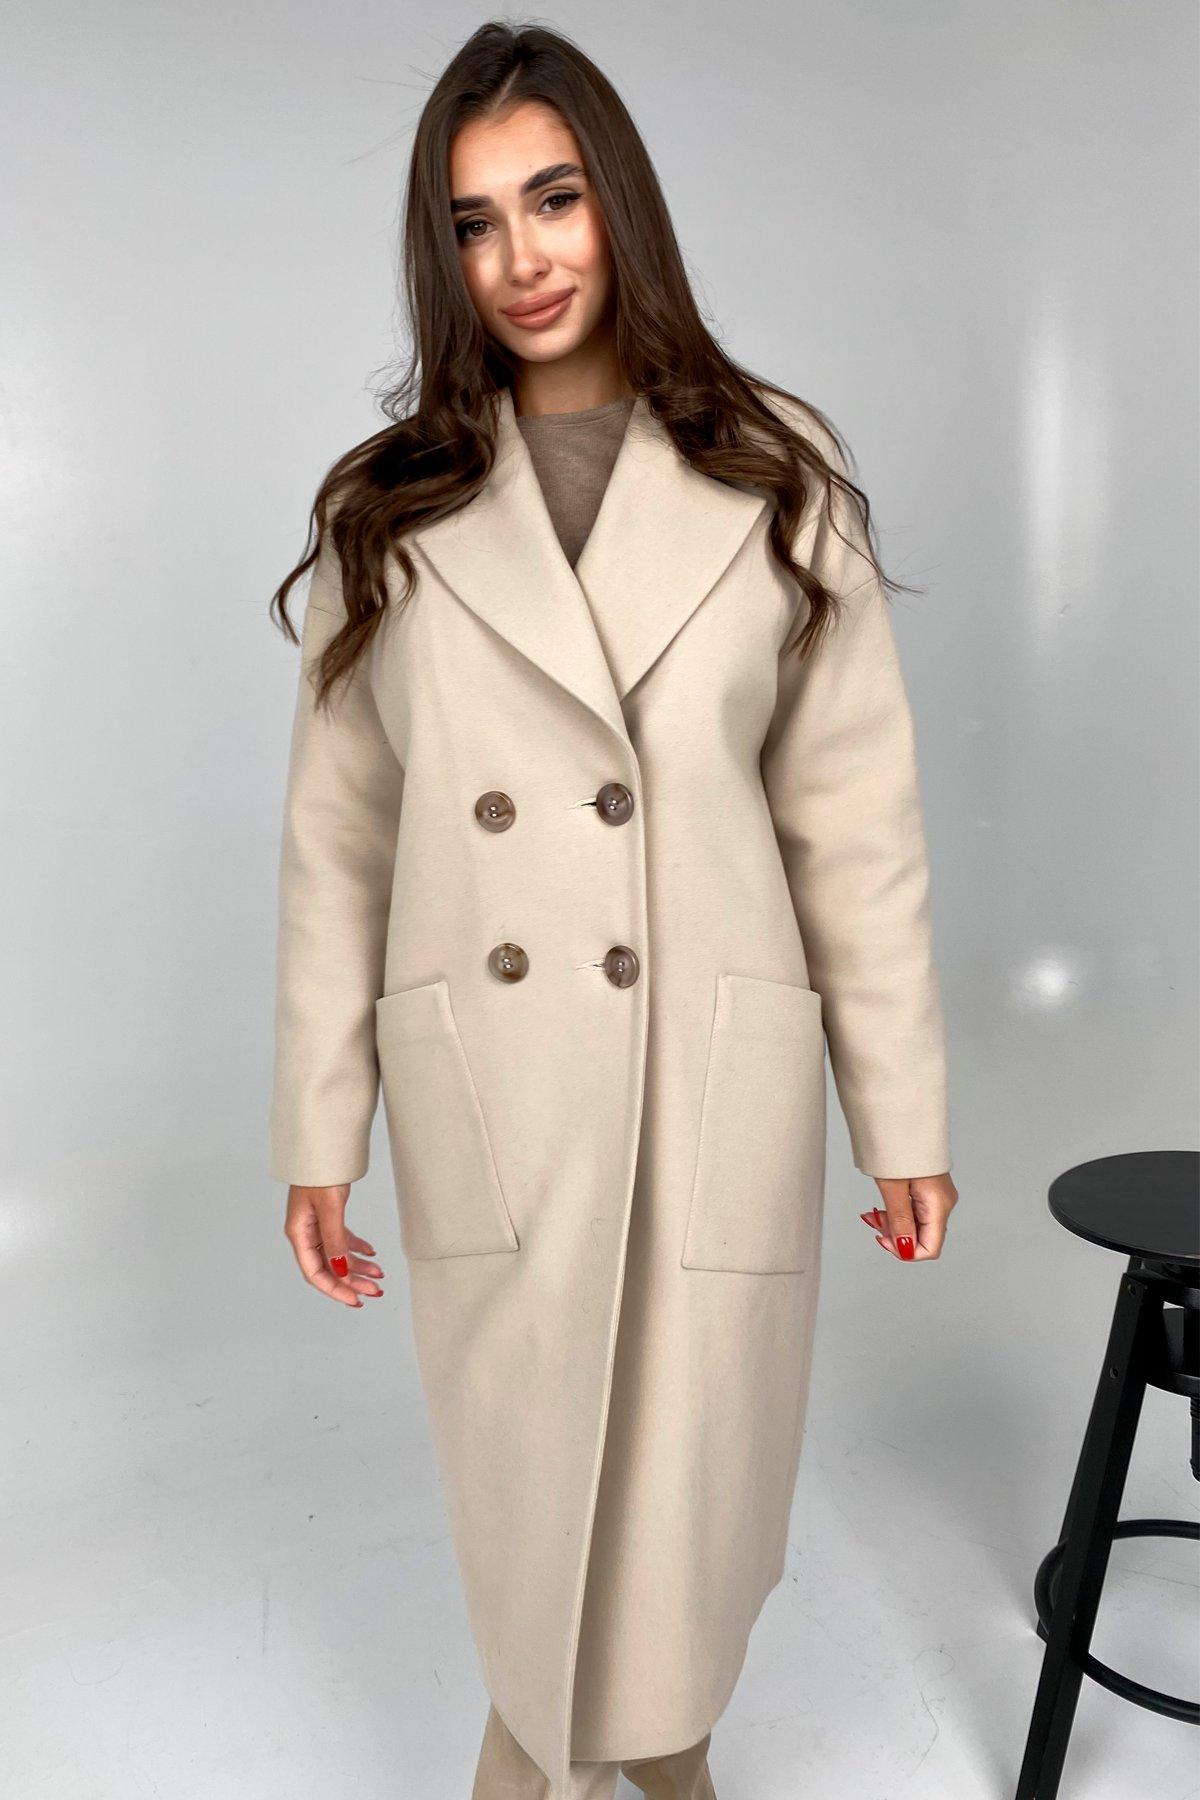 Свайп макси пальтовая ткань кашемир Турция зима Хомут пальто 10118 АРТ. 46417 Цвет: Бежевый светлый - фото 2, интернет магазин tm-modus.ru